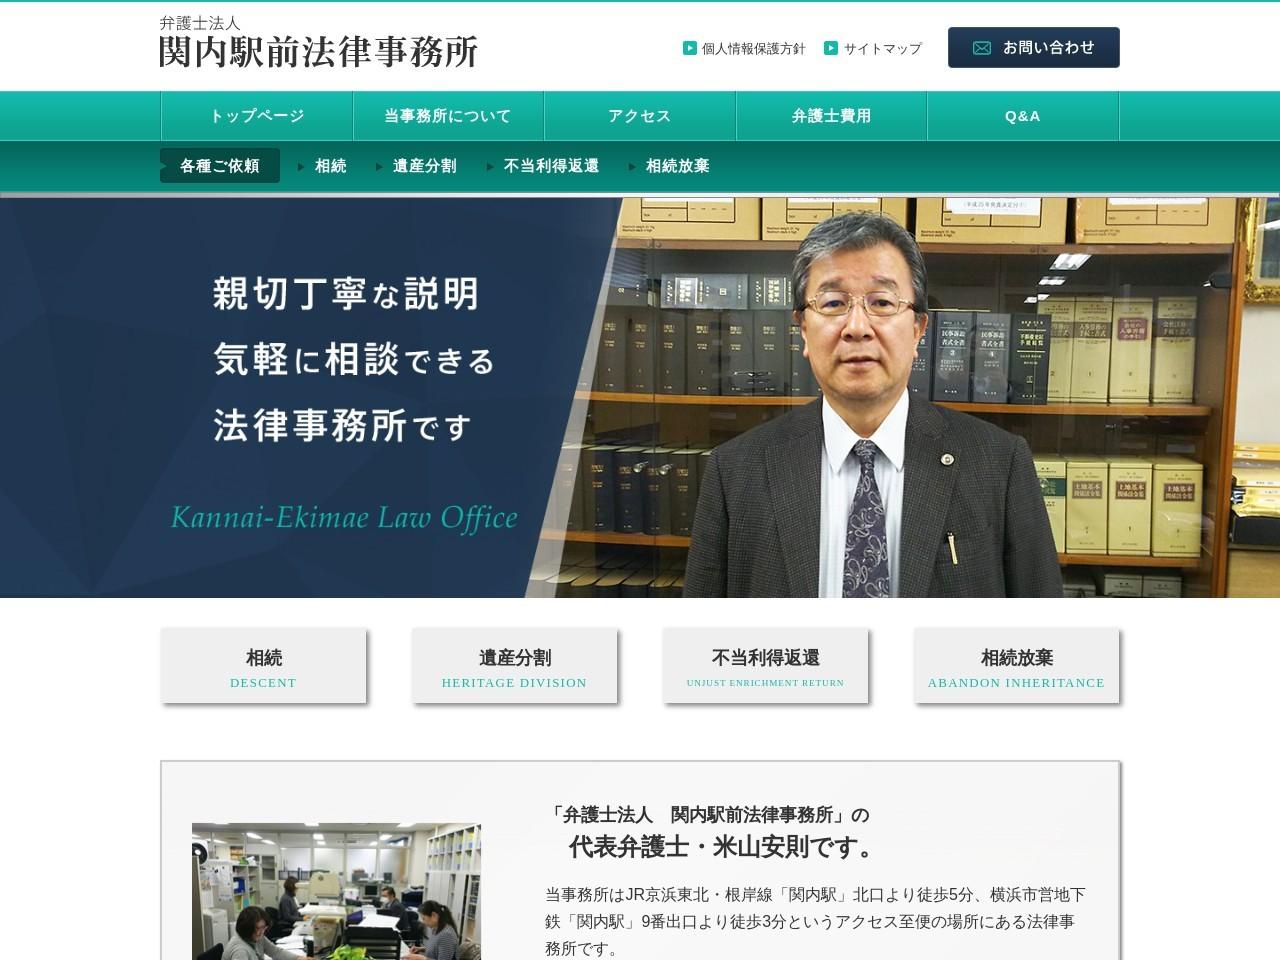 関内駅前法律事務所(弁護士法人)